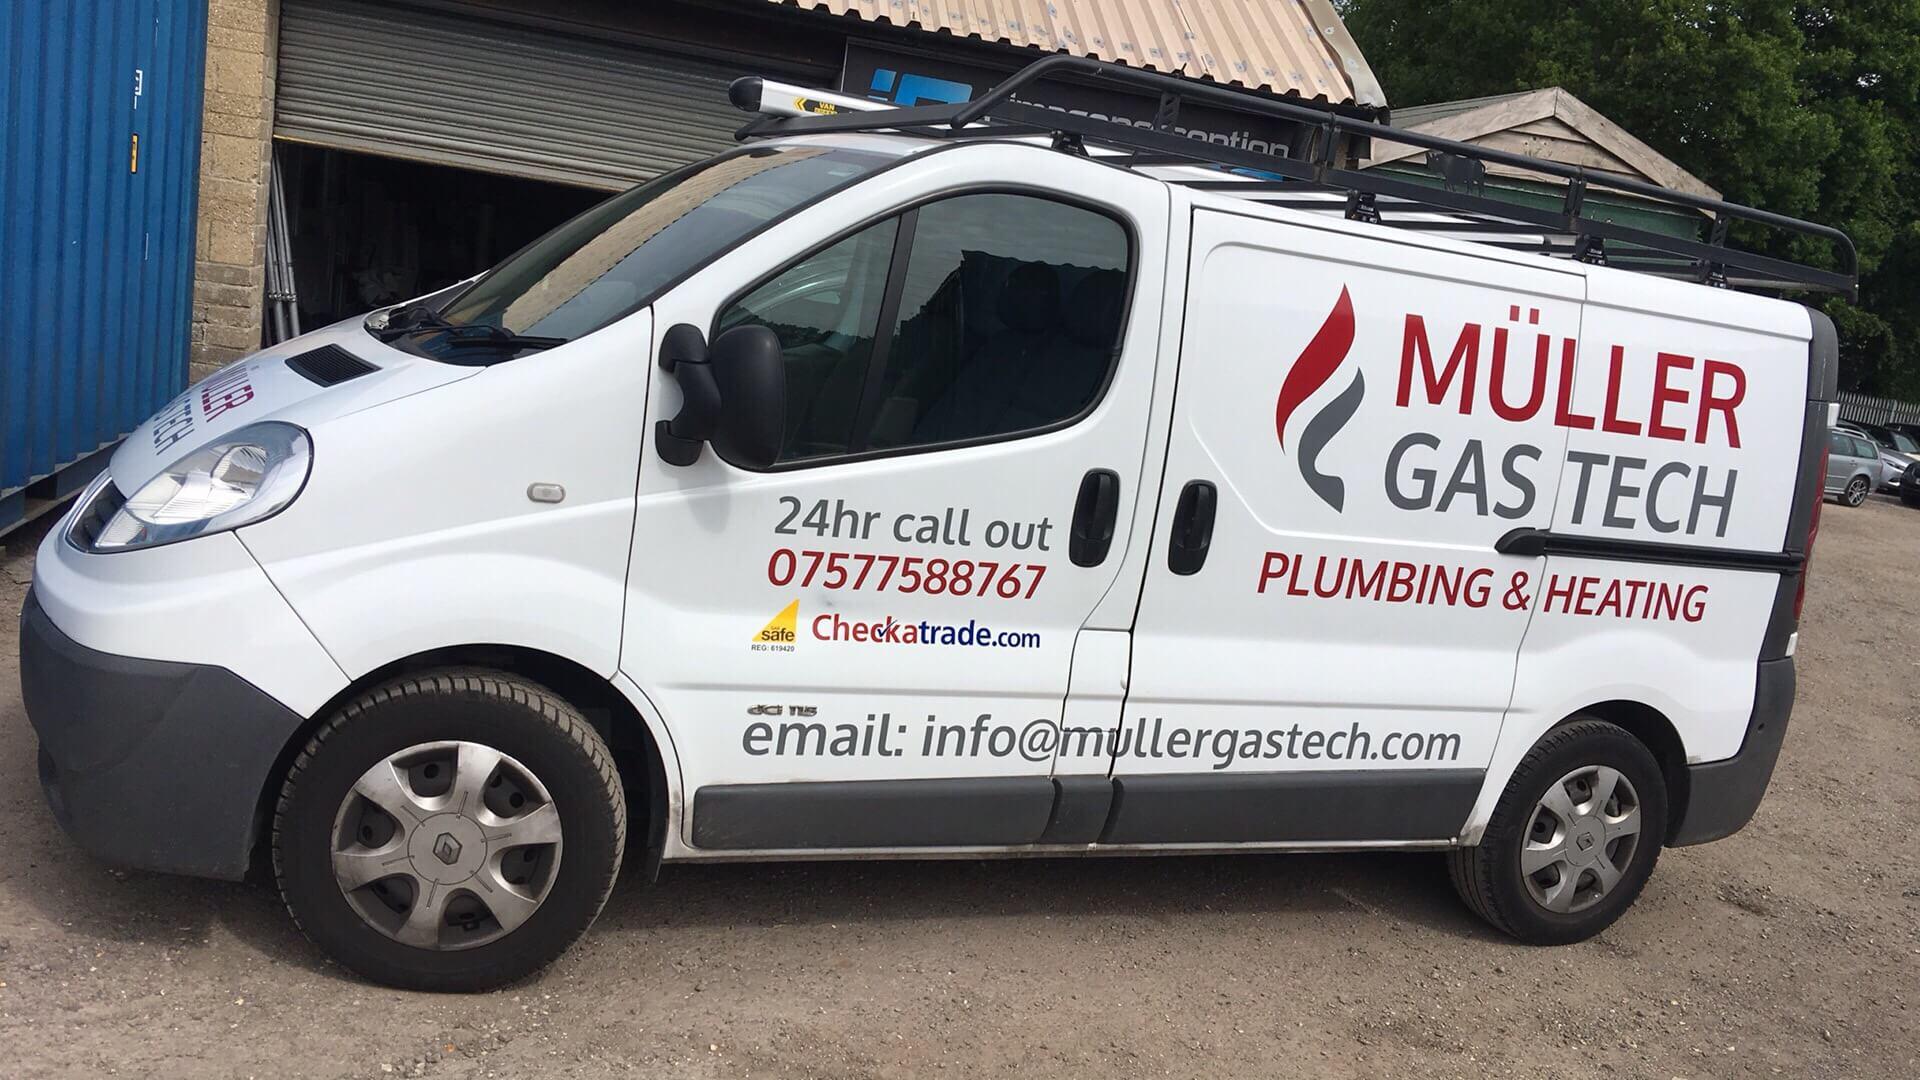 Muller Gast Tech - Plumbing & Heating